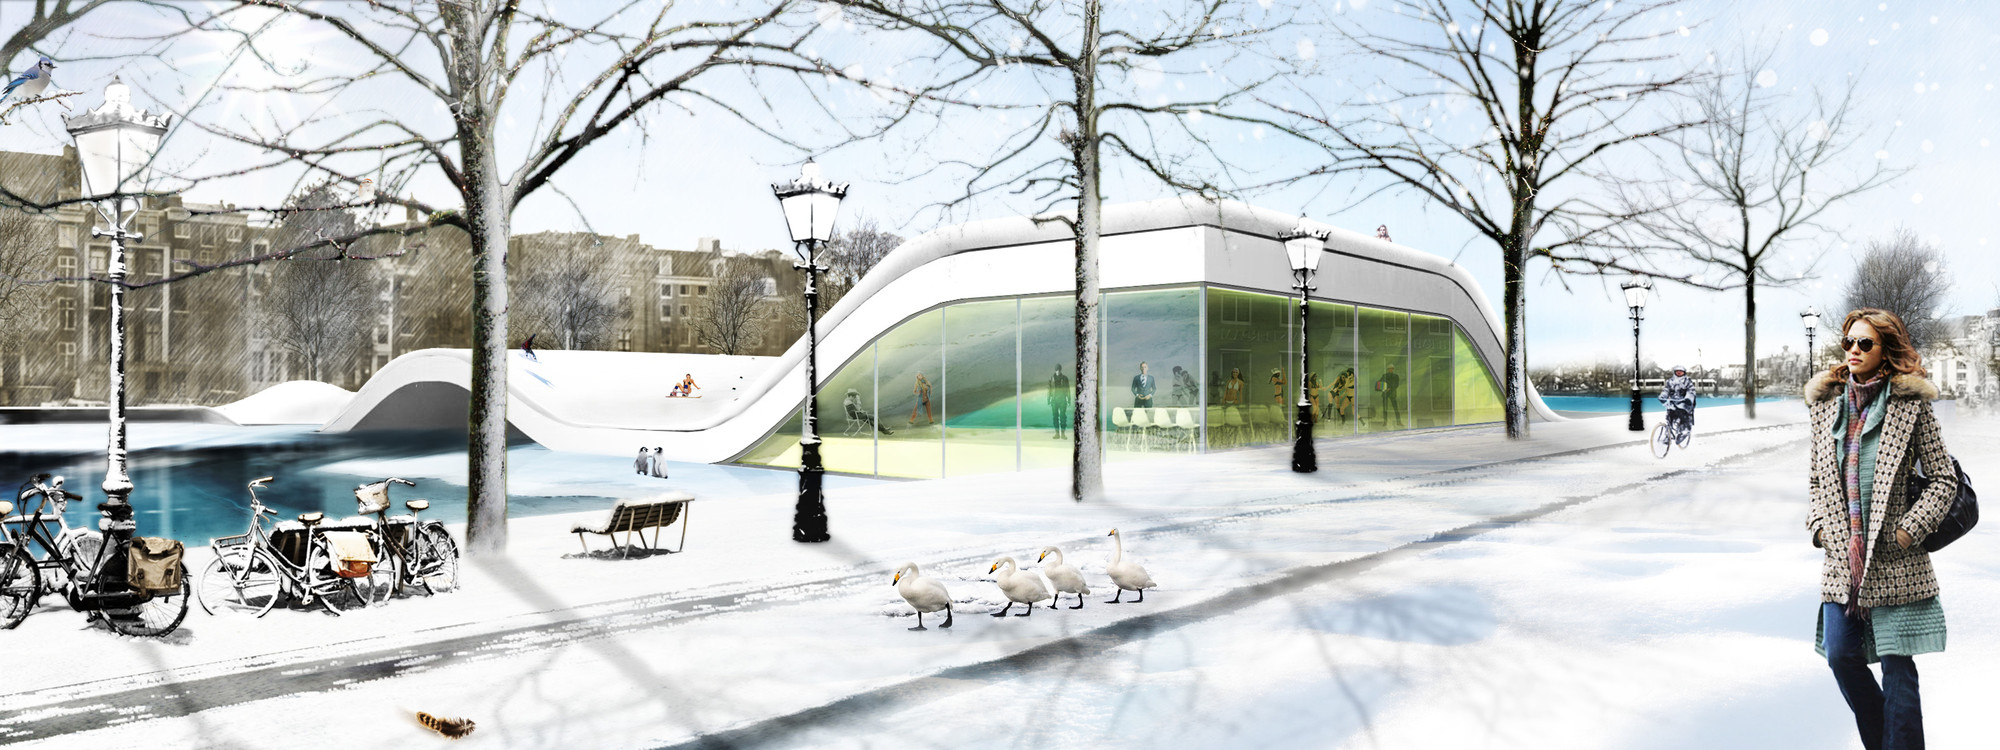 """""""Amstel River-Yard Project"""": Un parque urbano sobre un puente en Ámsterdam, © AÏE Architectes"""